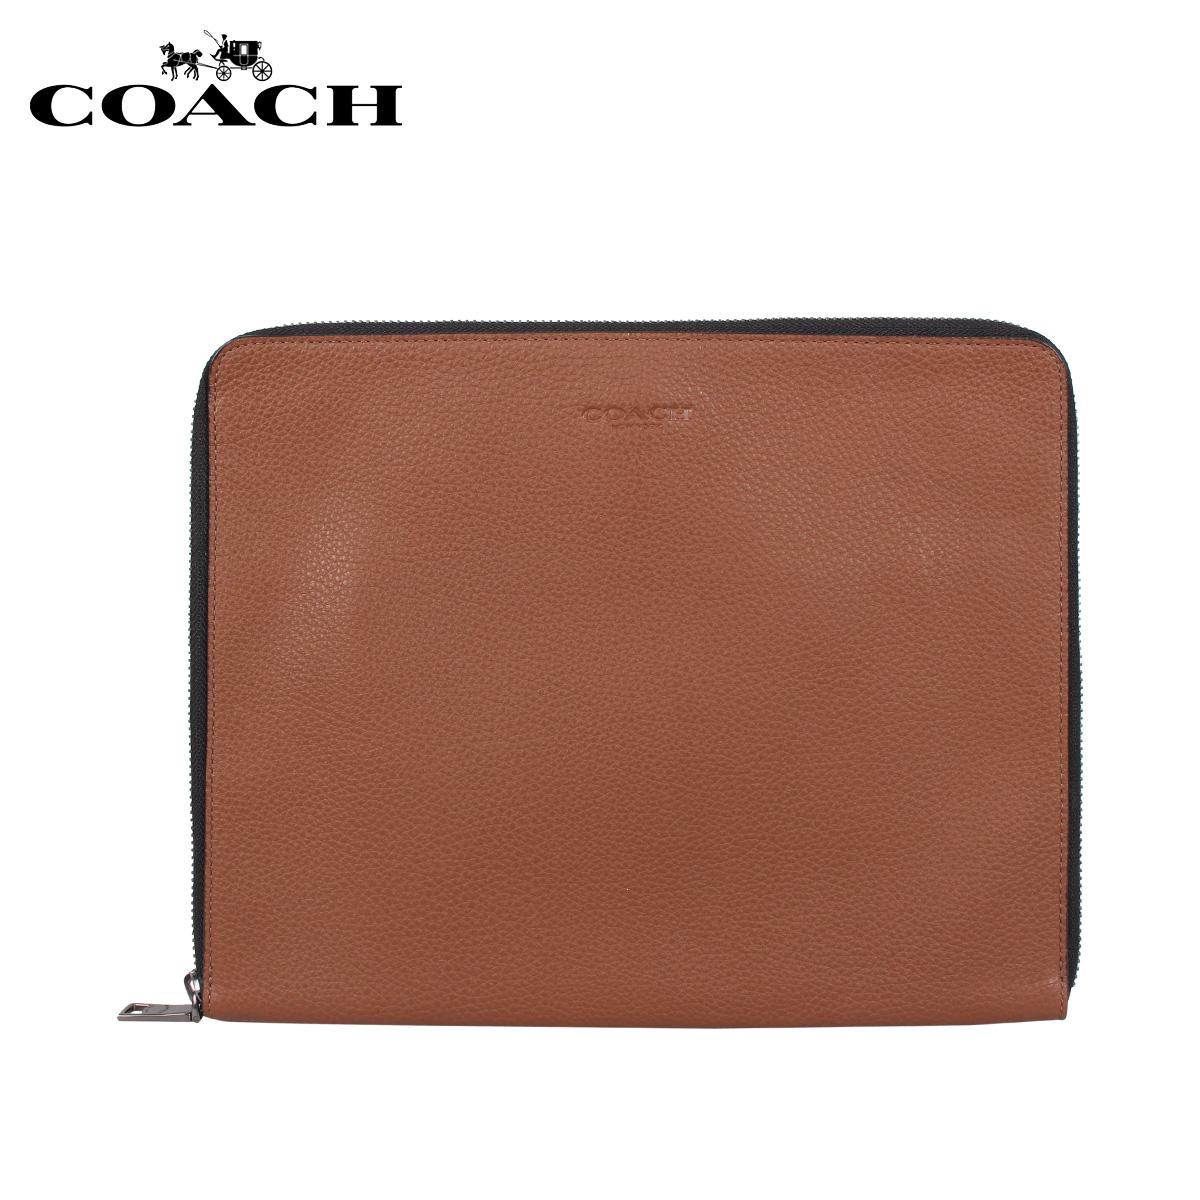 コーチ COACH バッグ クラッチバッグ セカンドバッグ タブレットケース メンズ ブラウン F25473